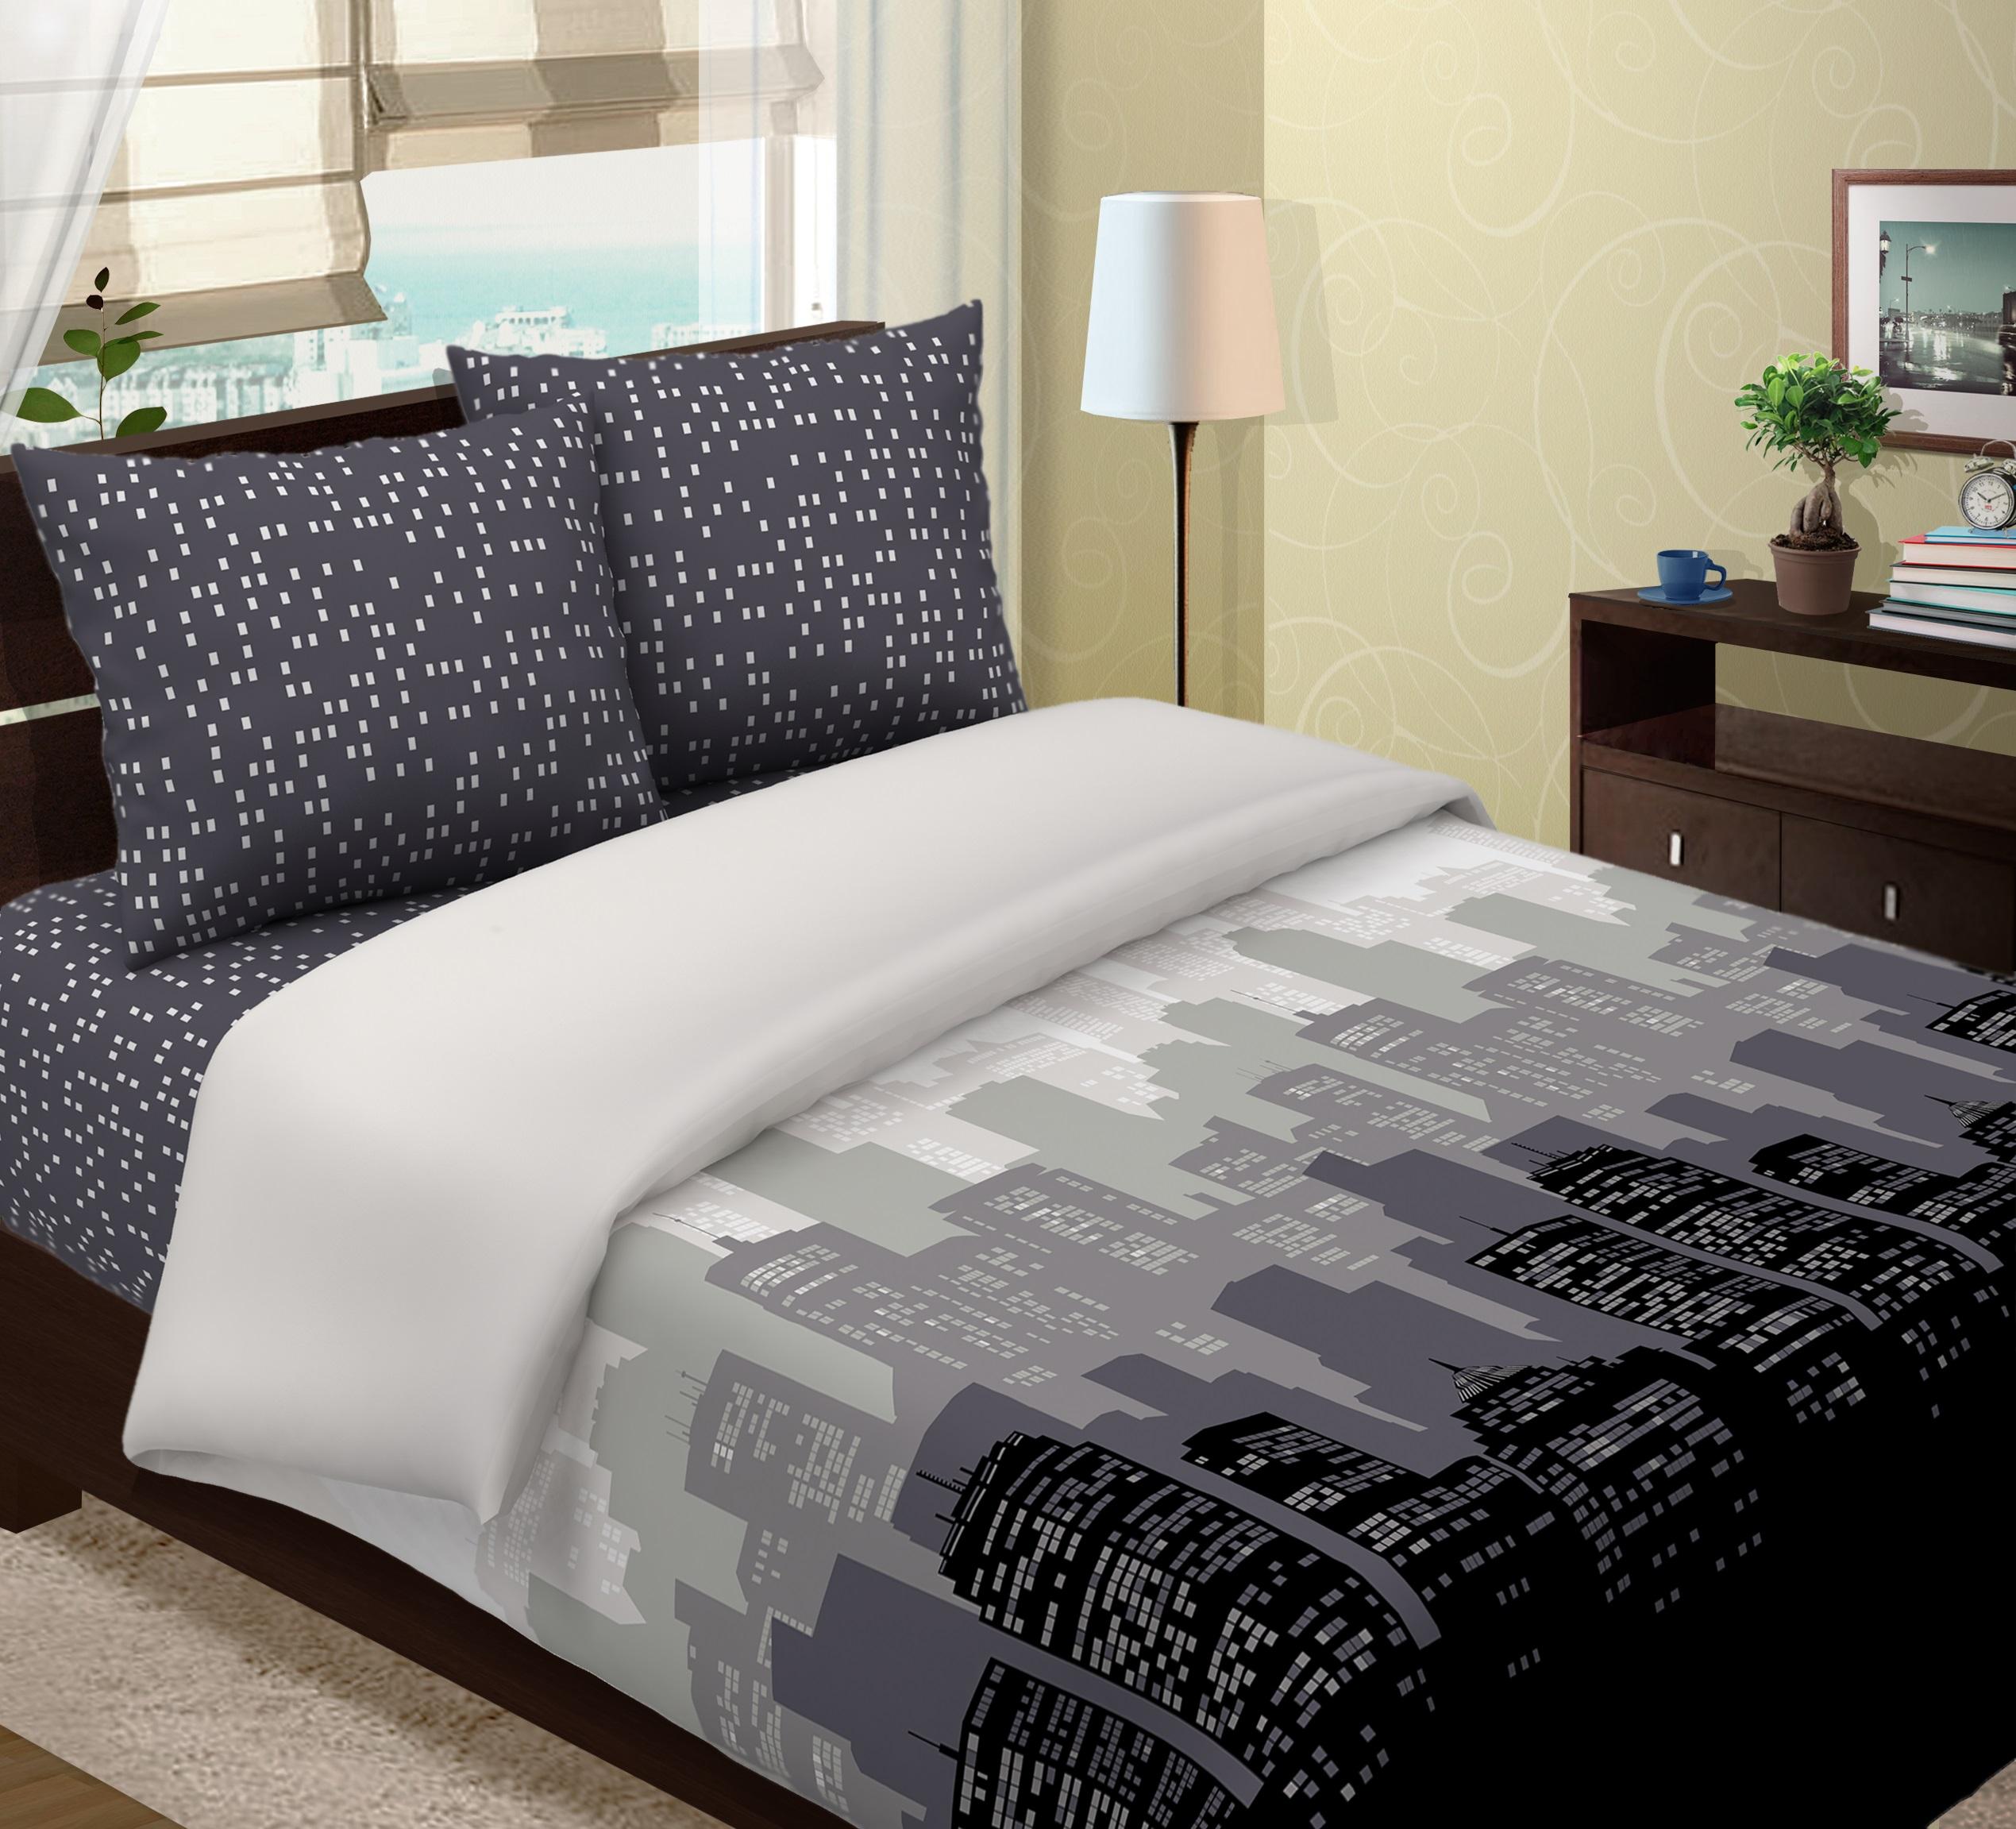 Комплект постельного белья ТК Традиция Традиция, для сна и отдыха, серый